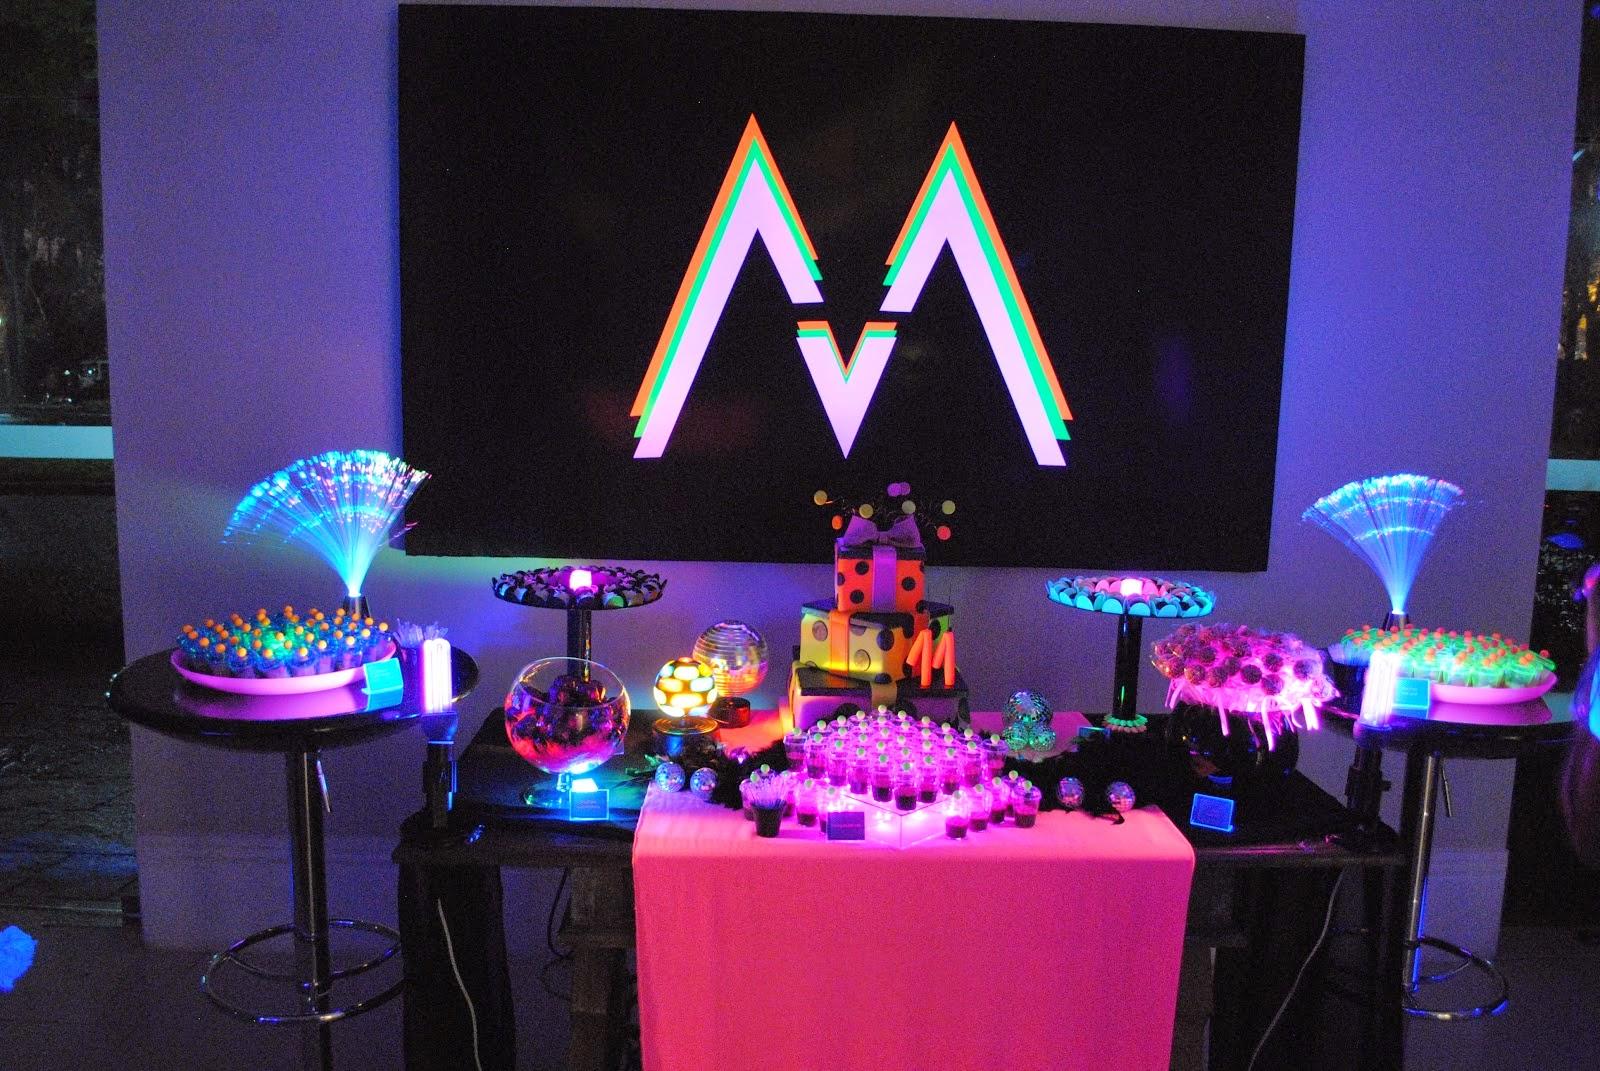 decoracao festa glow:Agora só falta colocar a mão na massa, mesmo!! Aguardem!